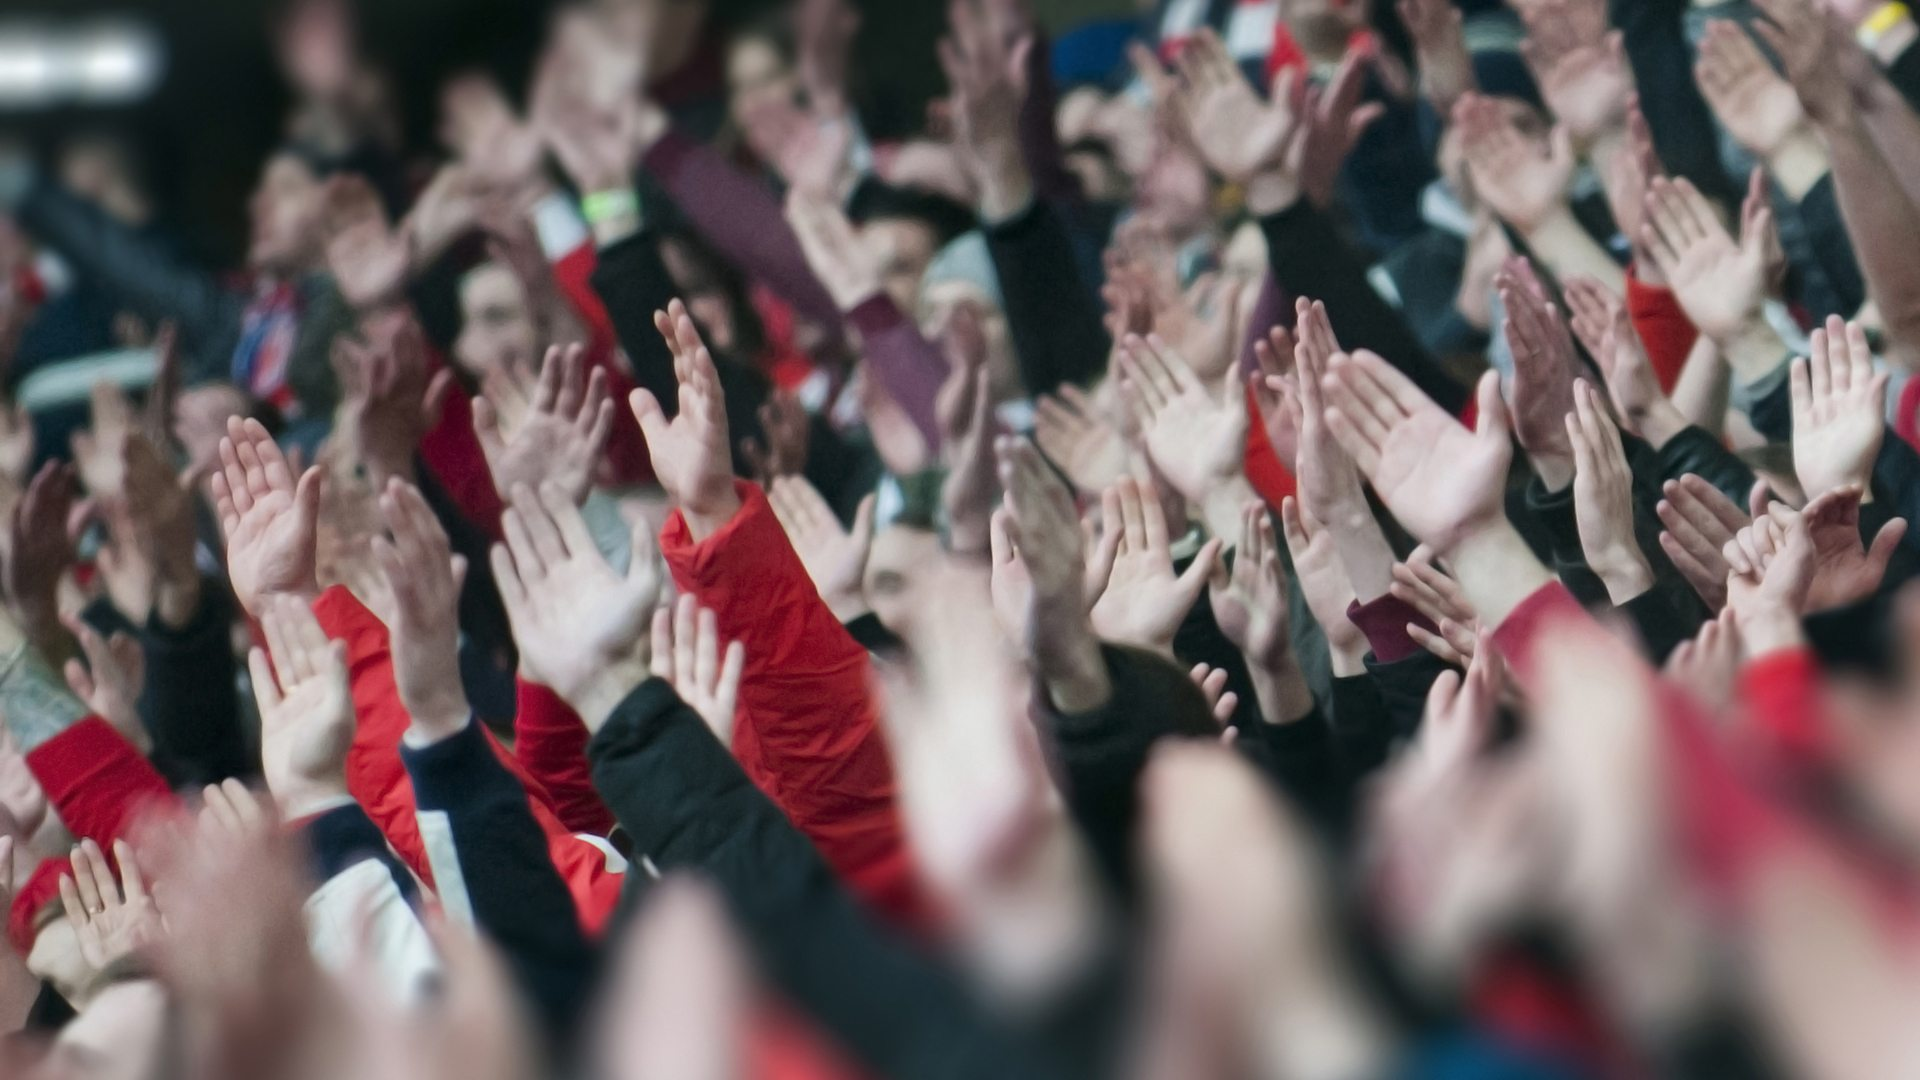 Tâm lí đám đông – Nguyên nhân muôn thủa khiến nhà đầu tư thua lỗ - Ảnh 1.